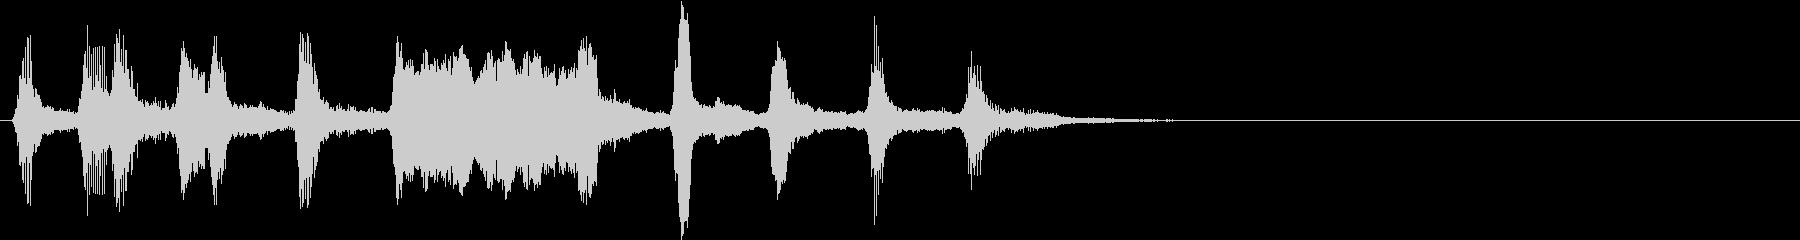 ハロウィン モンスター 不気味ジングル1の未再生の波形